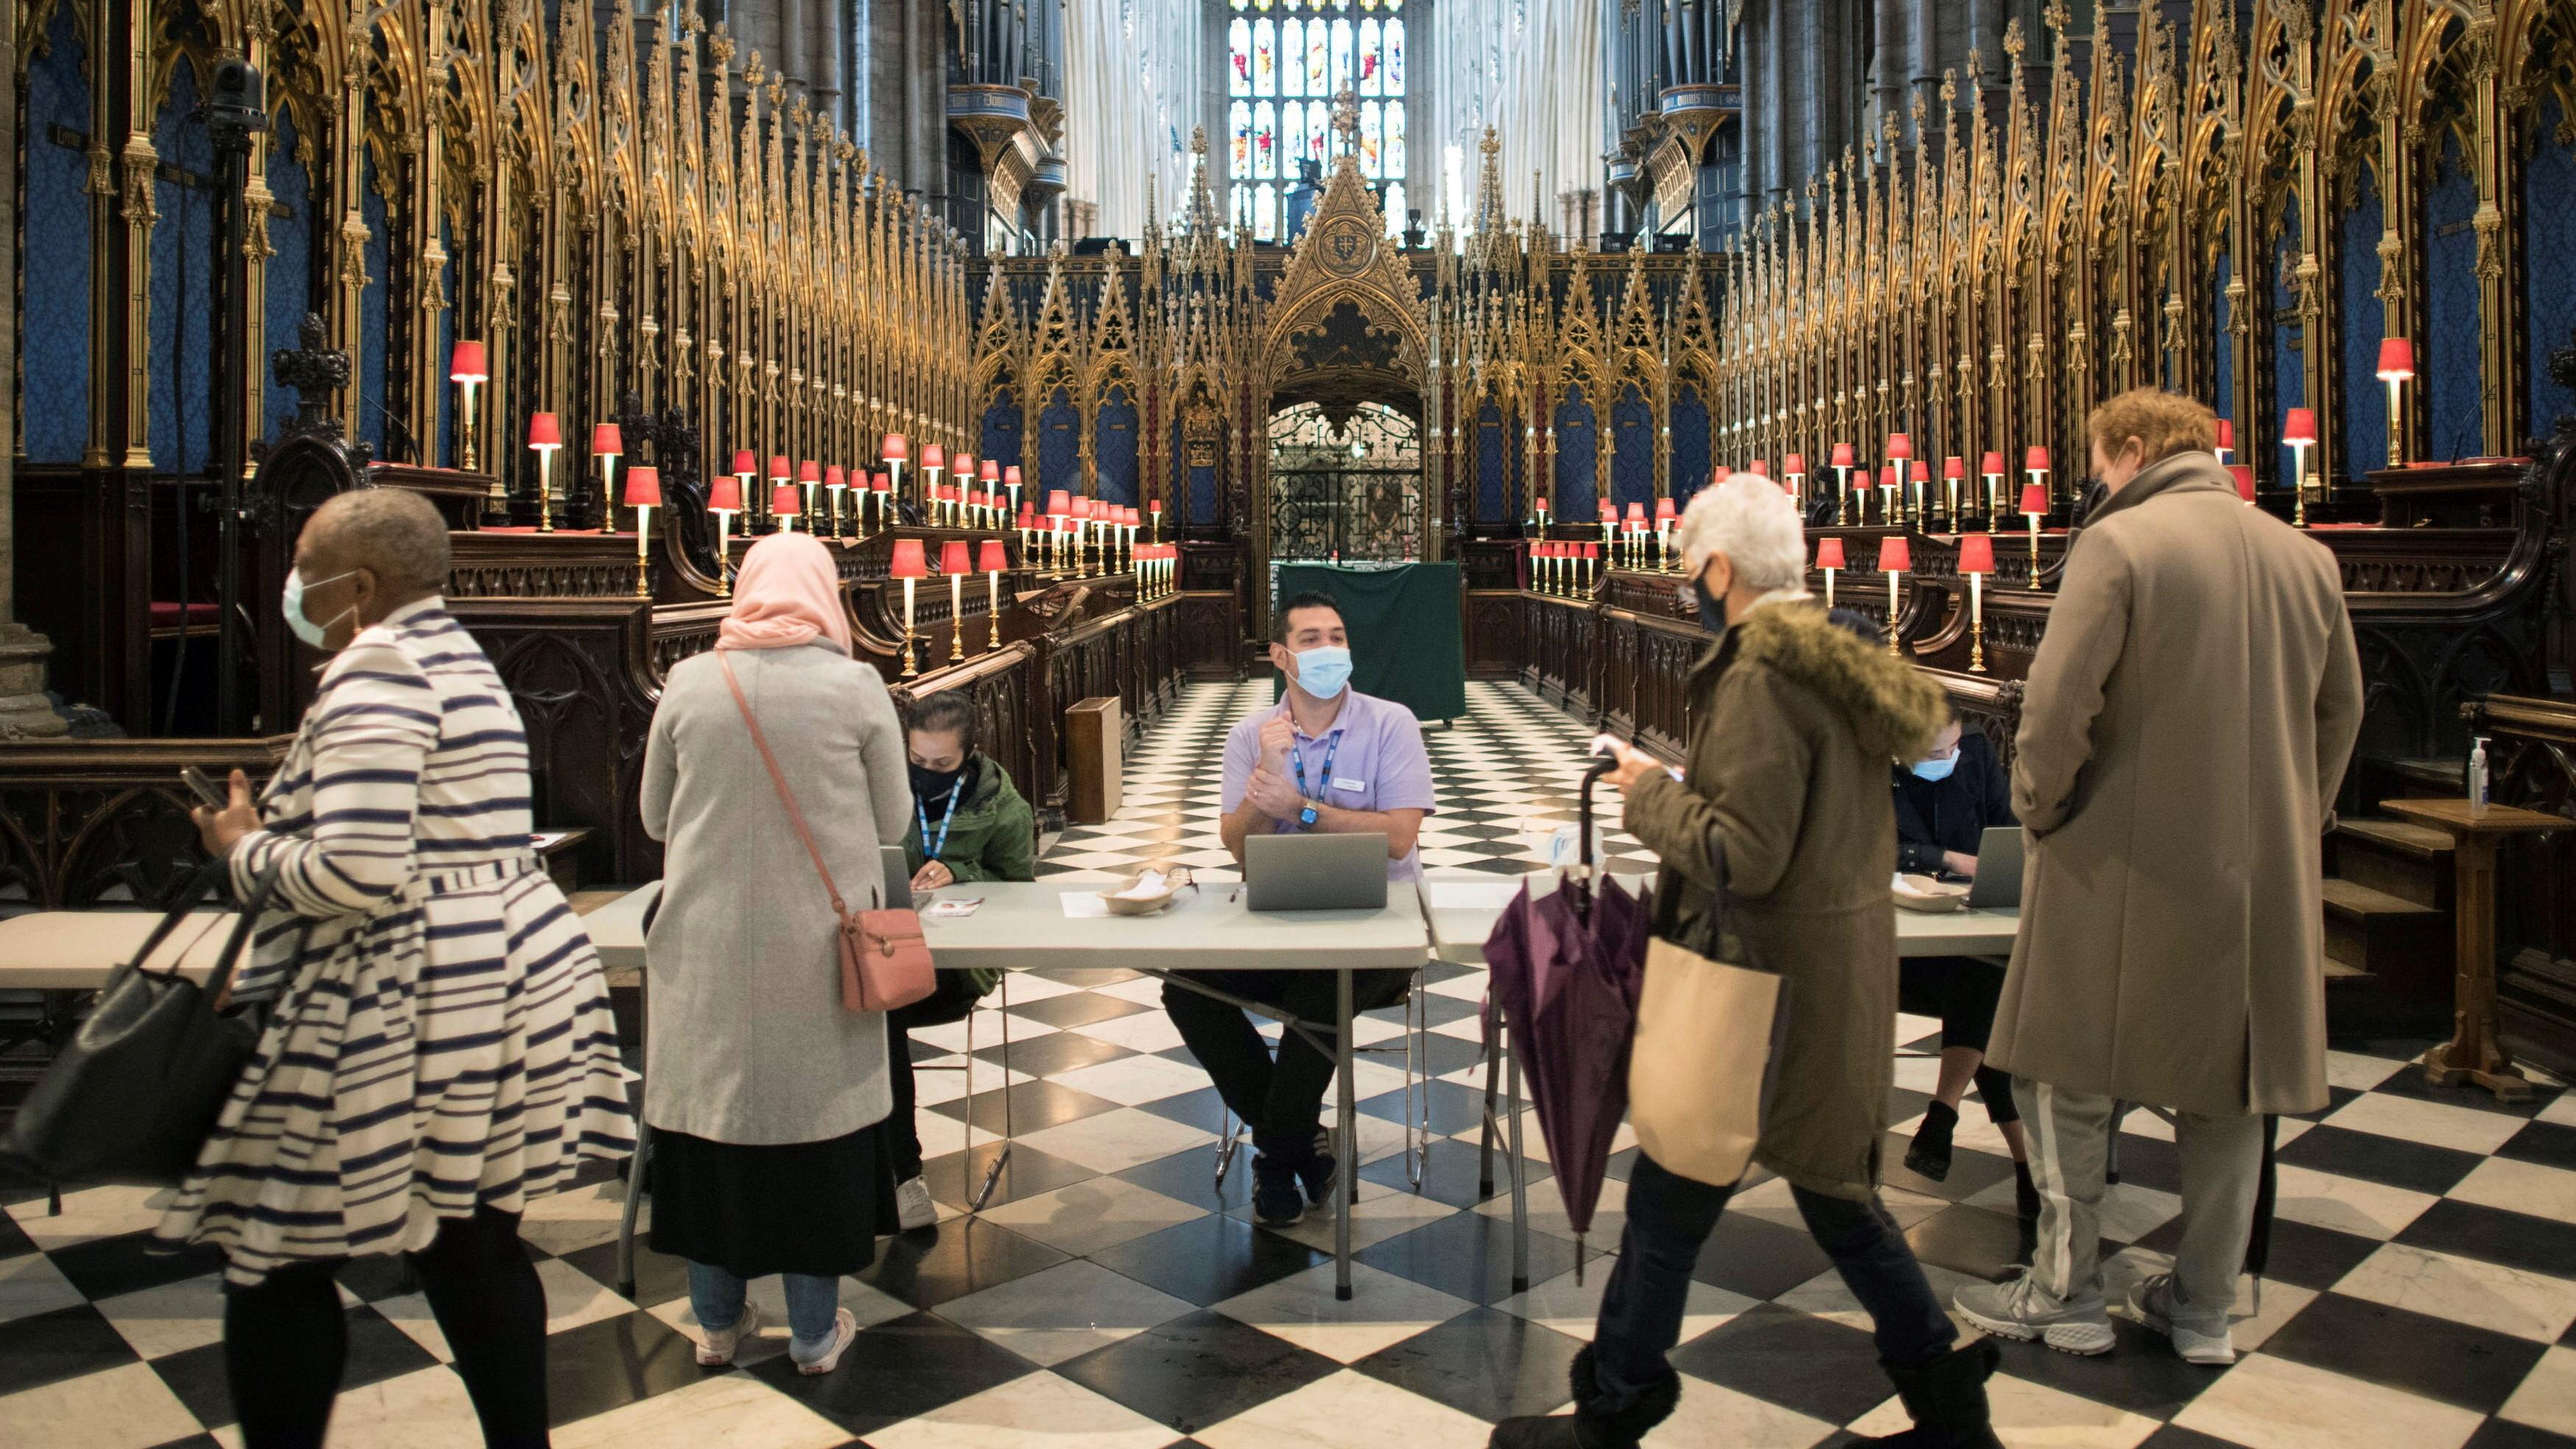 Emberek érkeznek a koronavírus elleni oltás felvételére a londoni Westminster-apátságban kialakított oltóközpontban 2021. március 10-én.